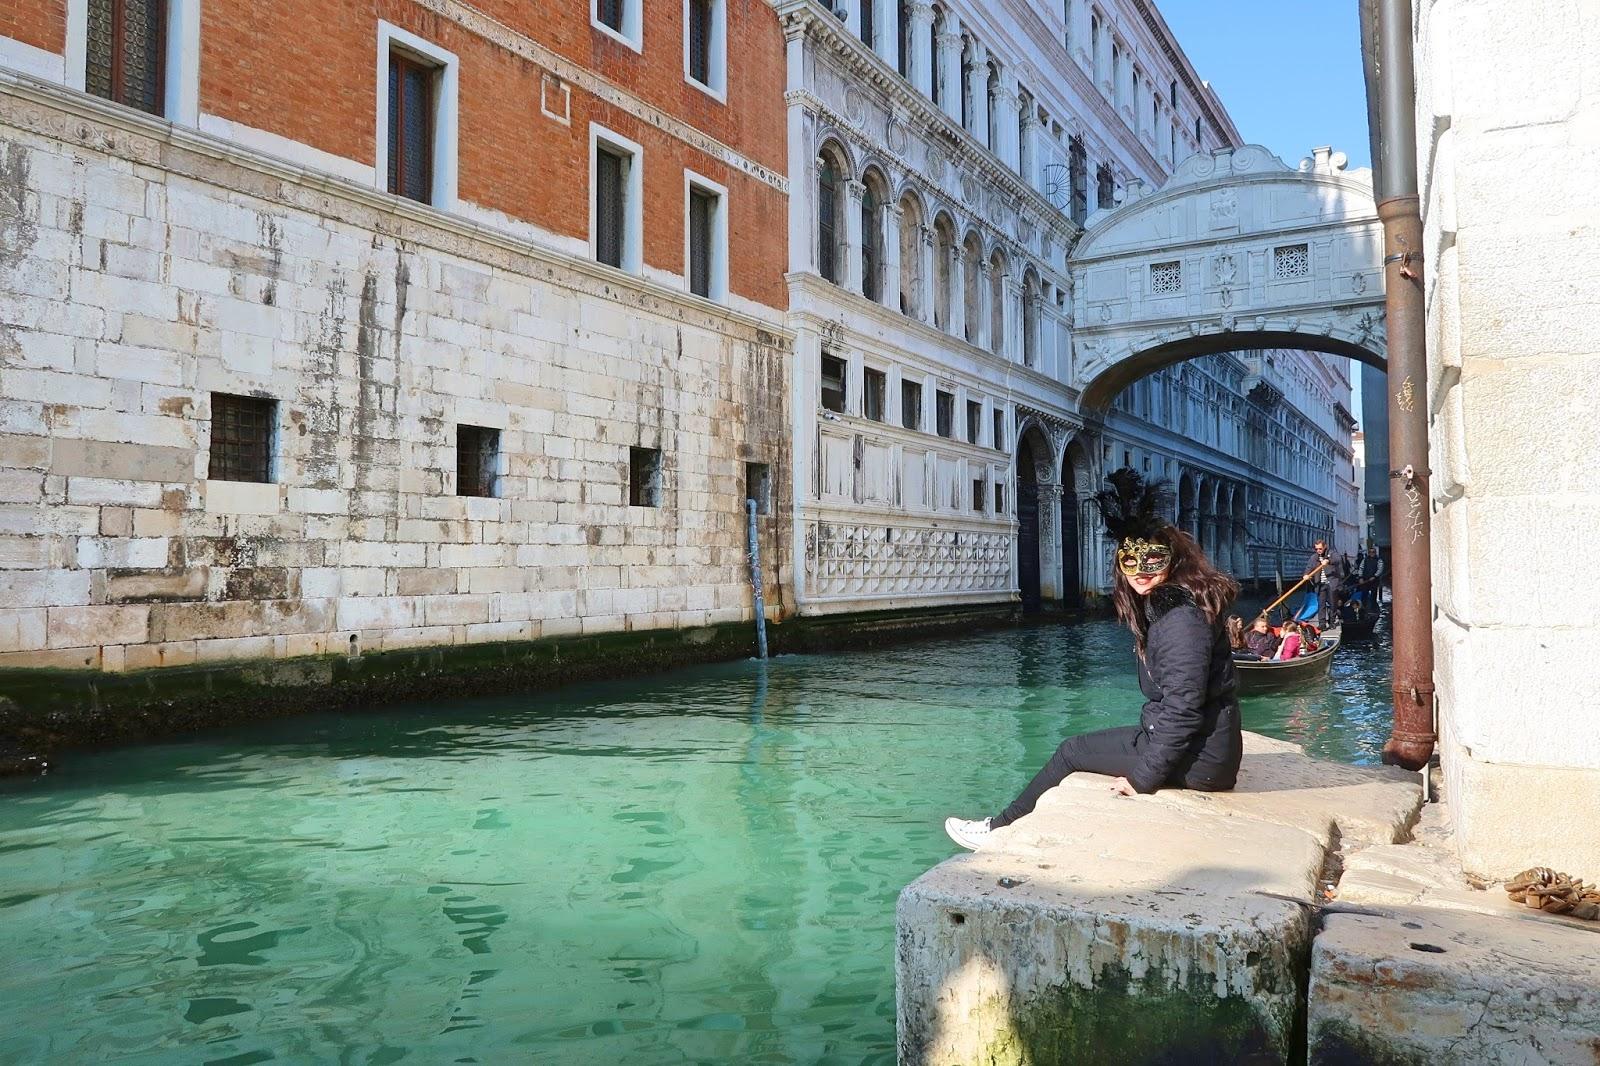 Veneza Barata Veneza gastando pouco